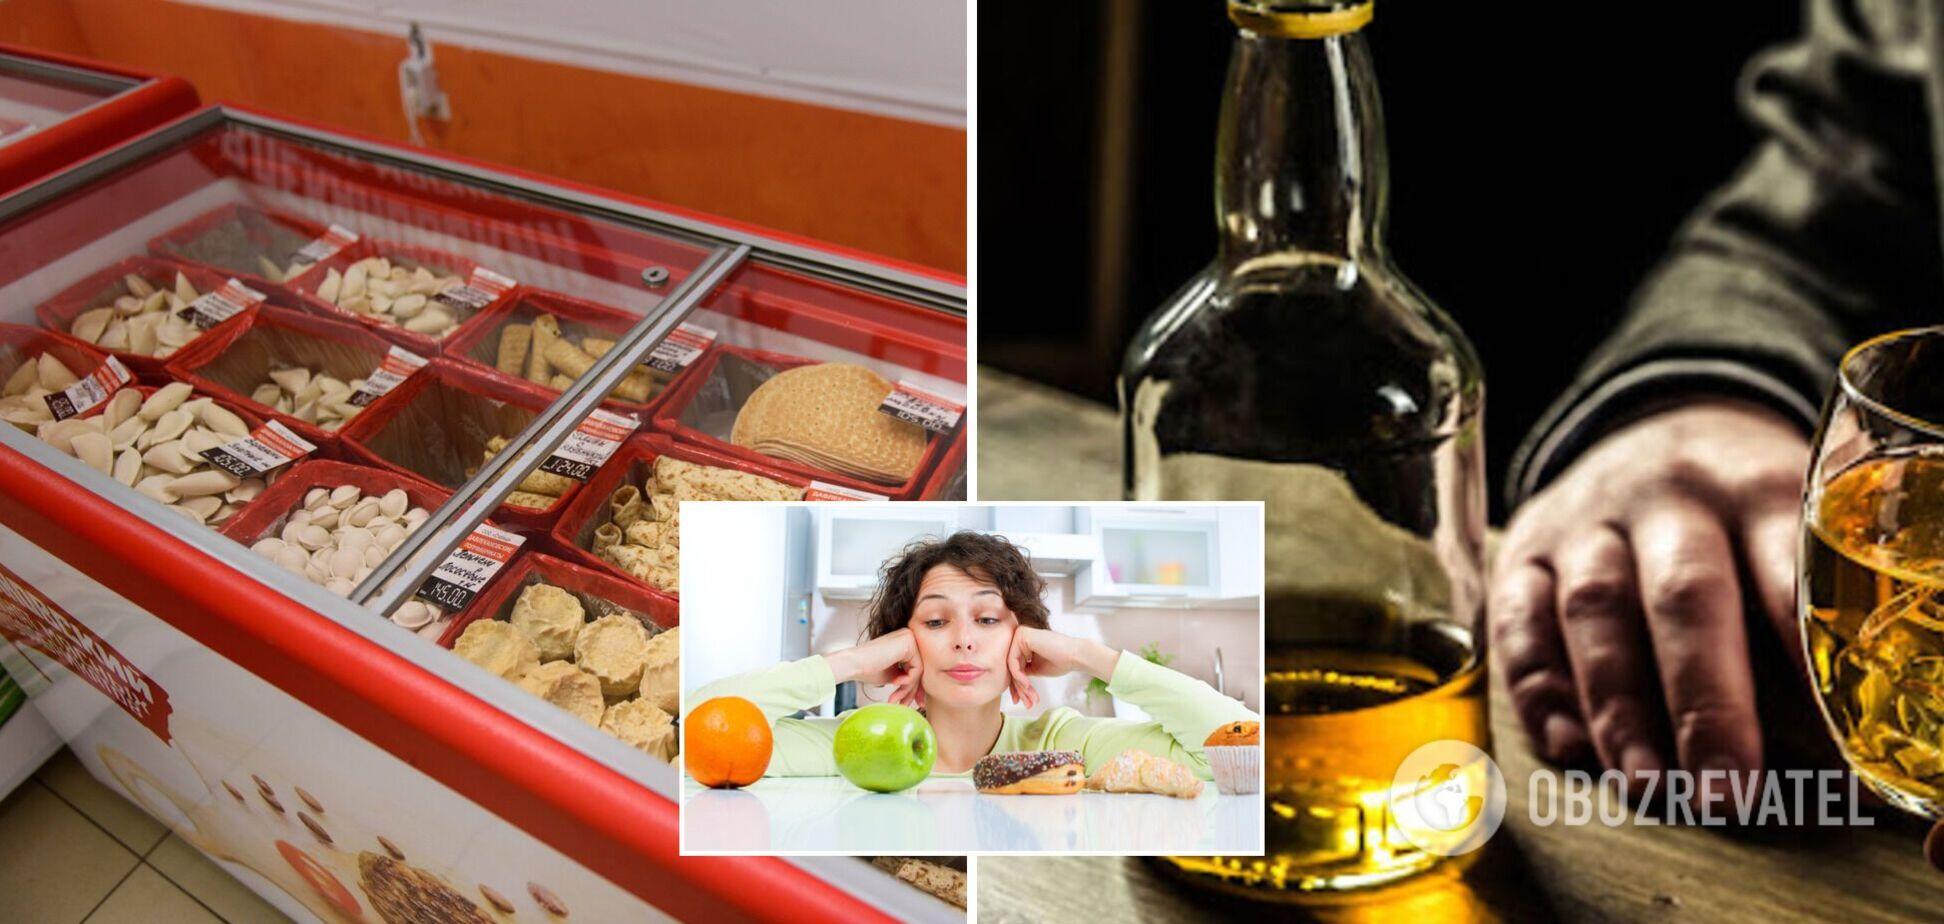 Диетолог рассказала, какие продукты не стоит есть, чтобы продлить жизнь